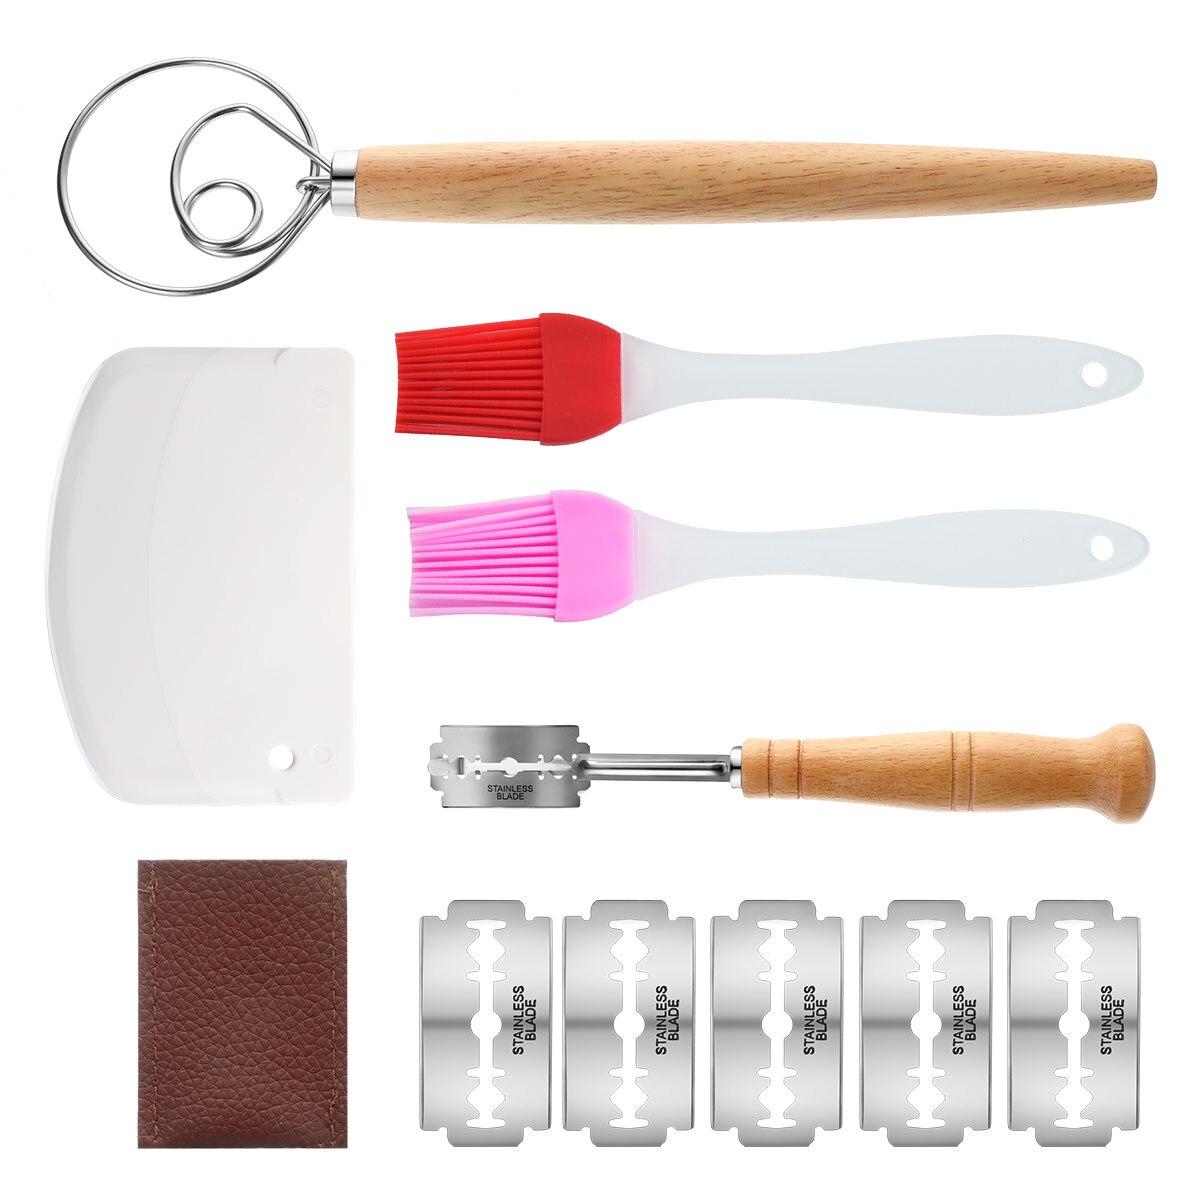 Ensemble doutils de boulangerie panier à pain et Lame à pain Toos et grattoir à pâte comprennent 11 pièces/ensemble de lames panier à levain